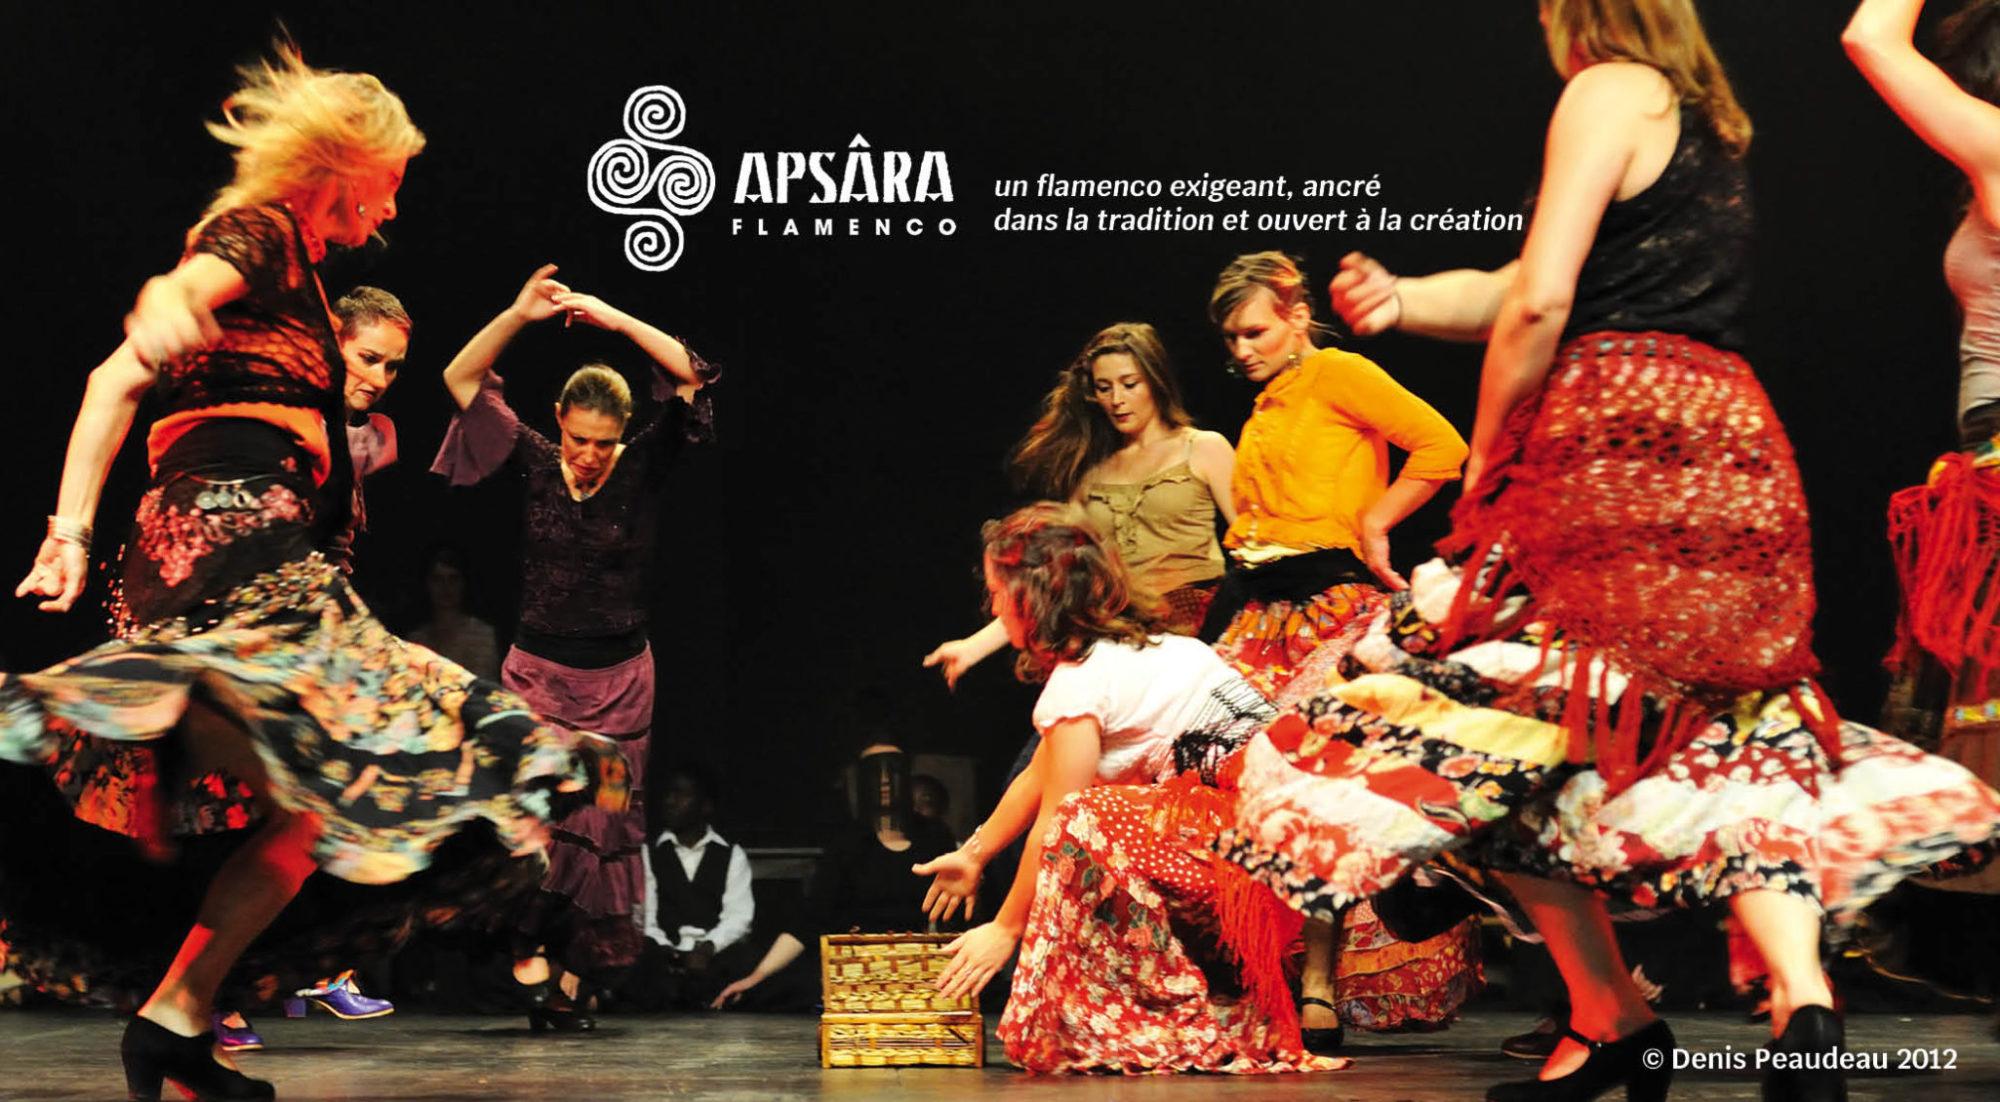 Apsara Flamenco